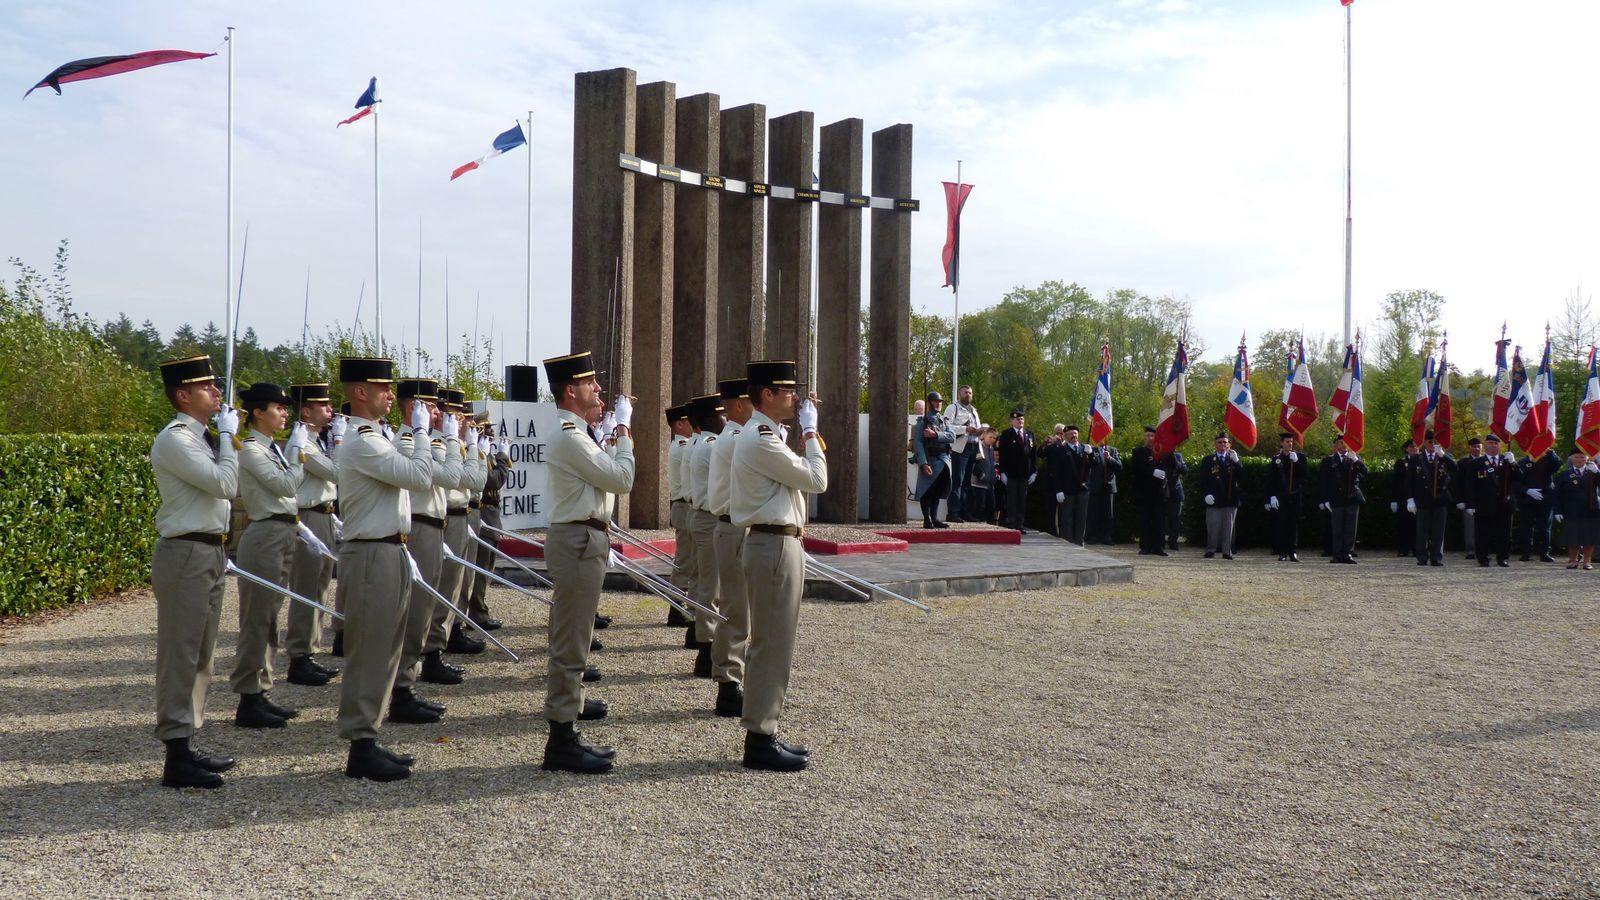 """Le monument """"à la Gloire du Génie"""" dans la forêt ds Eparges"""